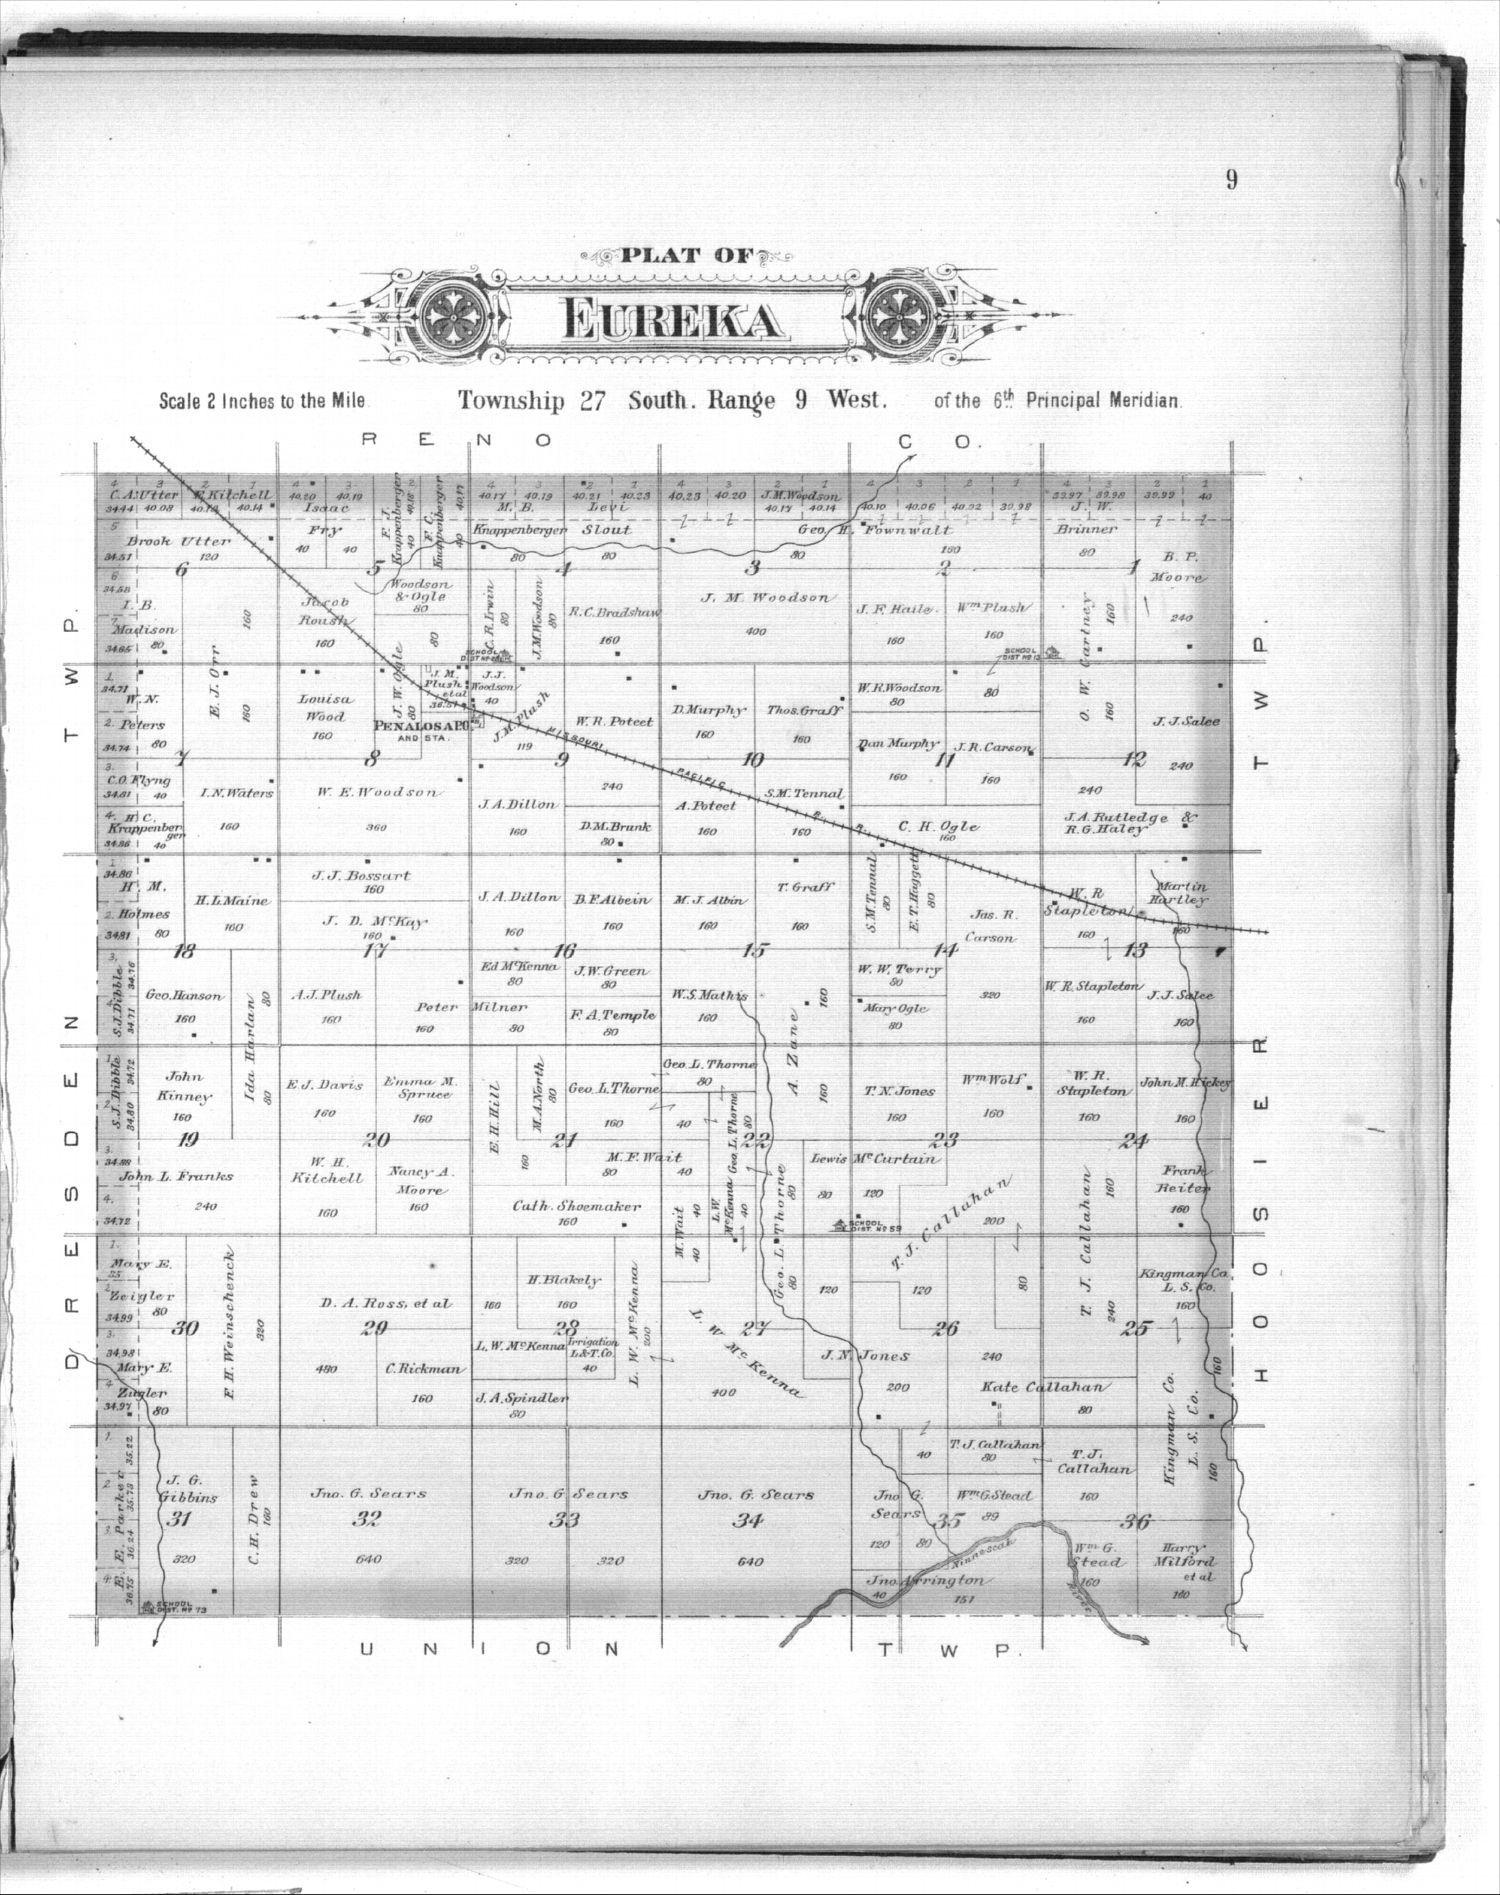 Plat book of Kingman County, Kansas - 9